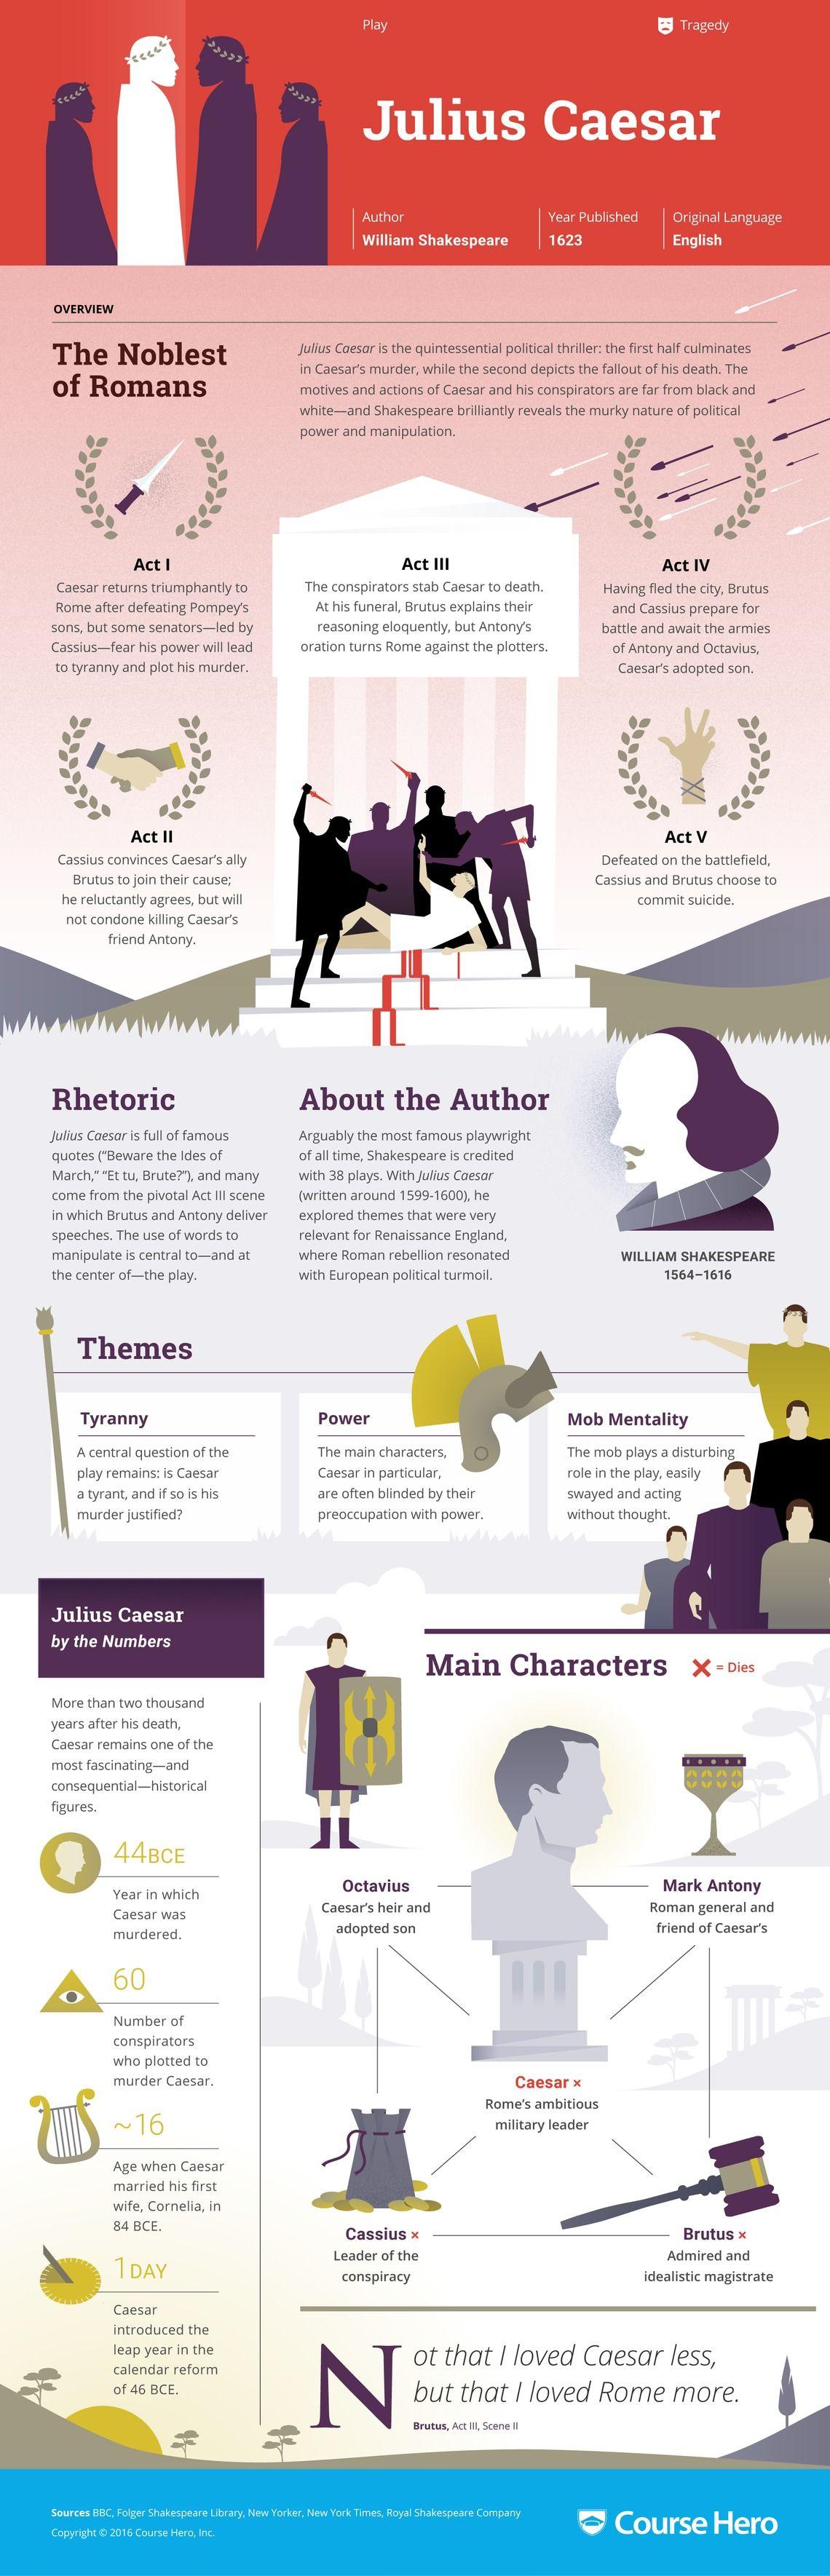 Julius Caesar Infographic